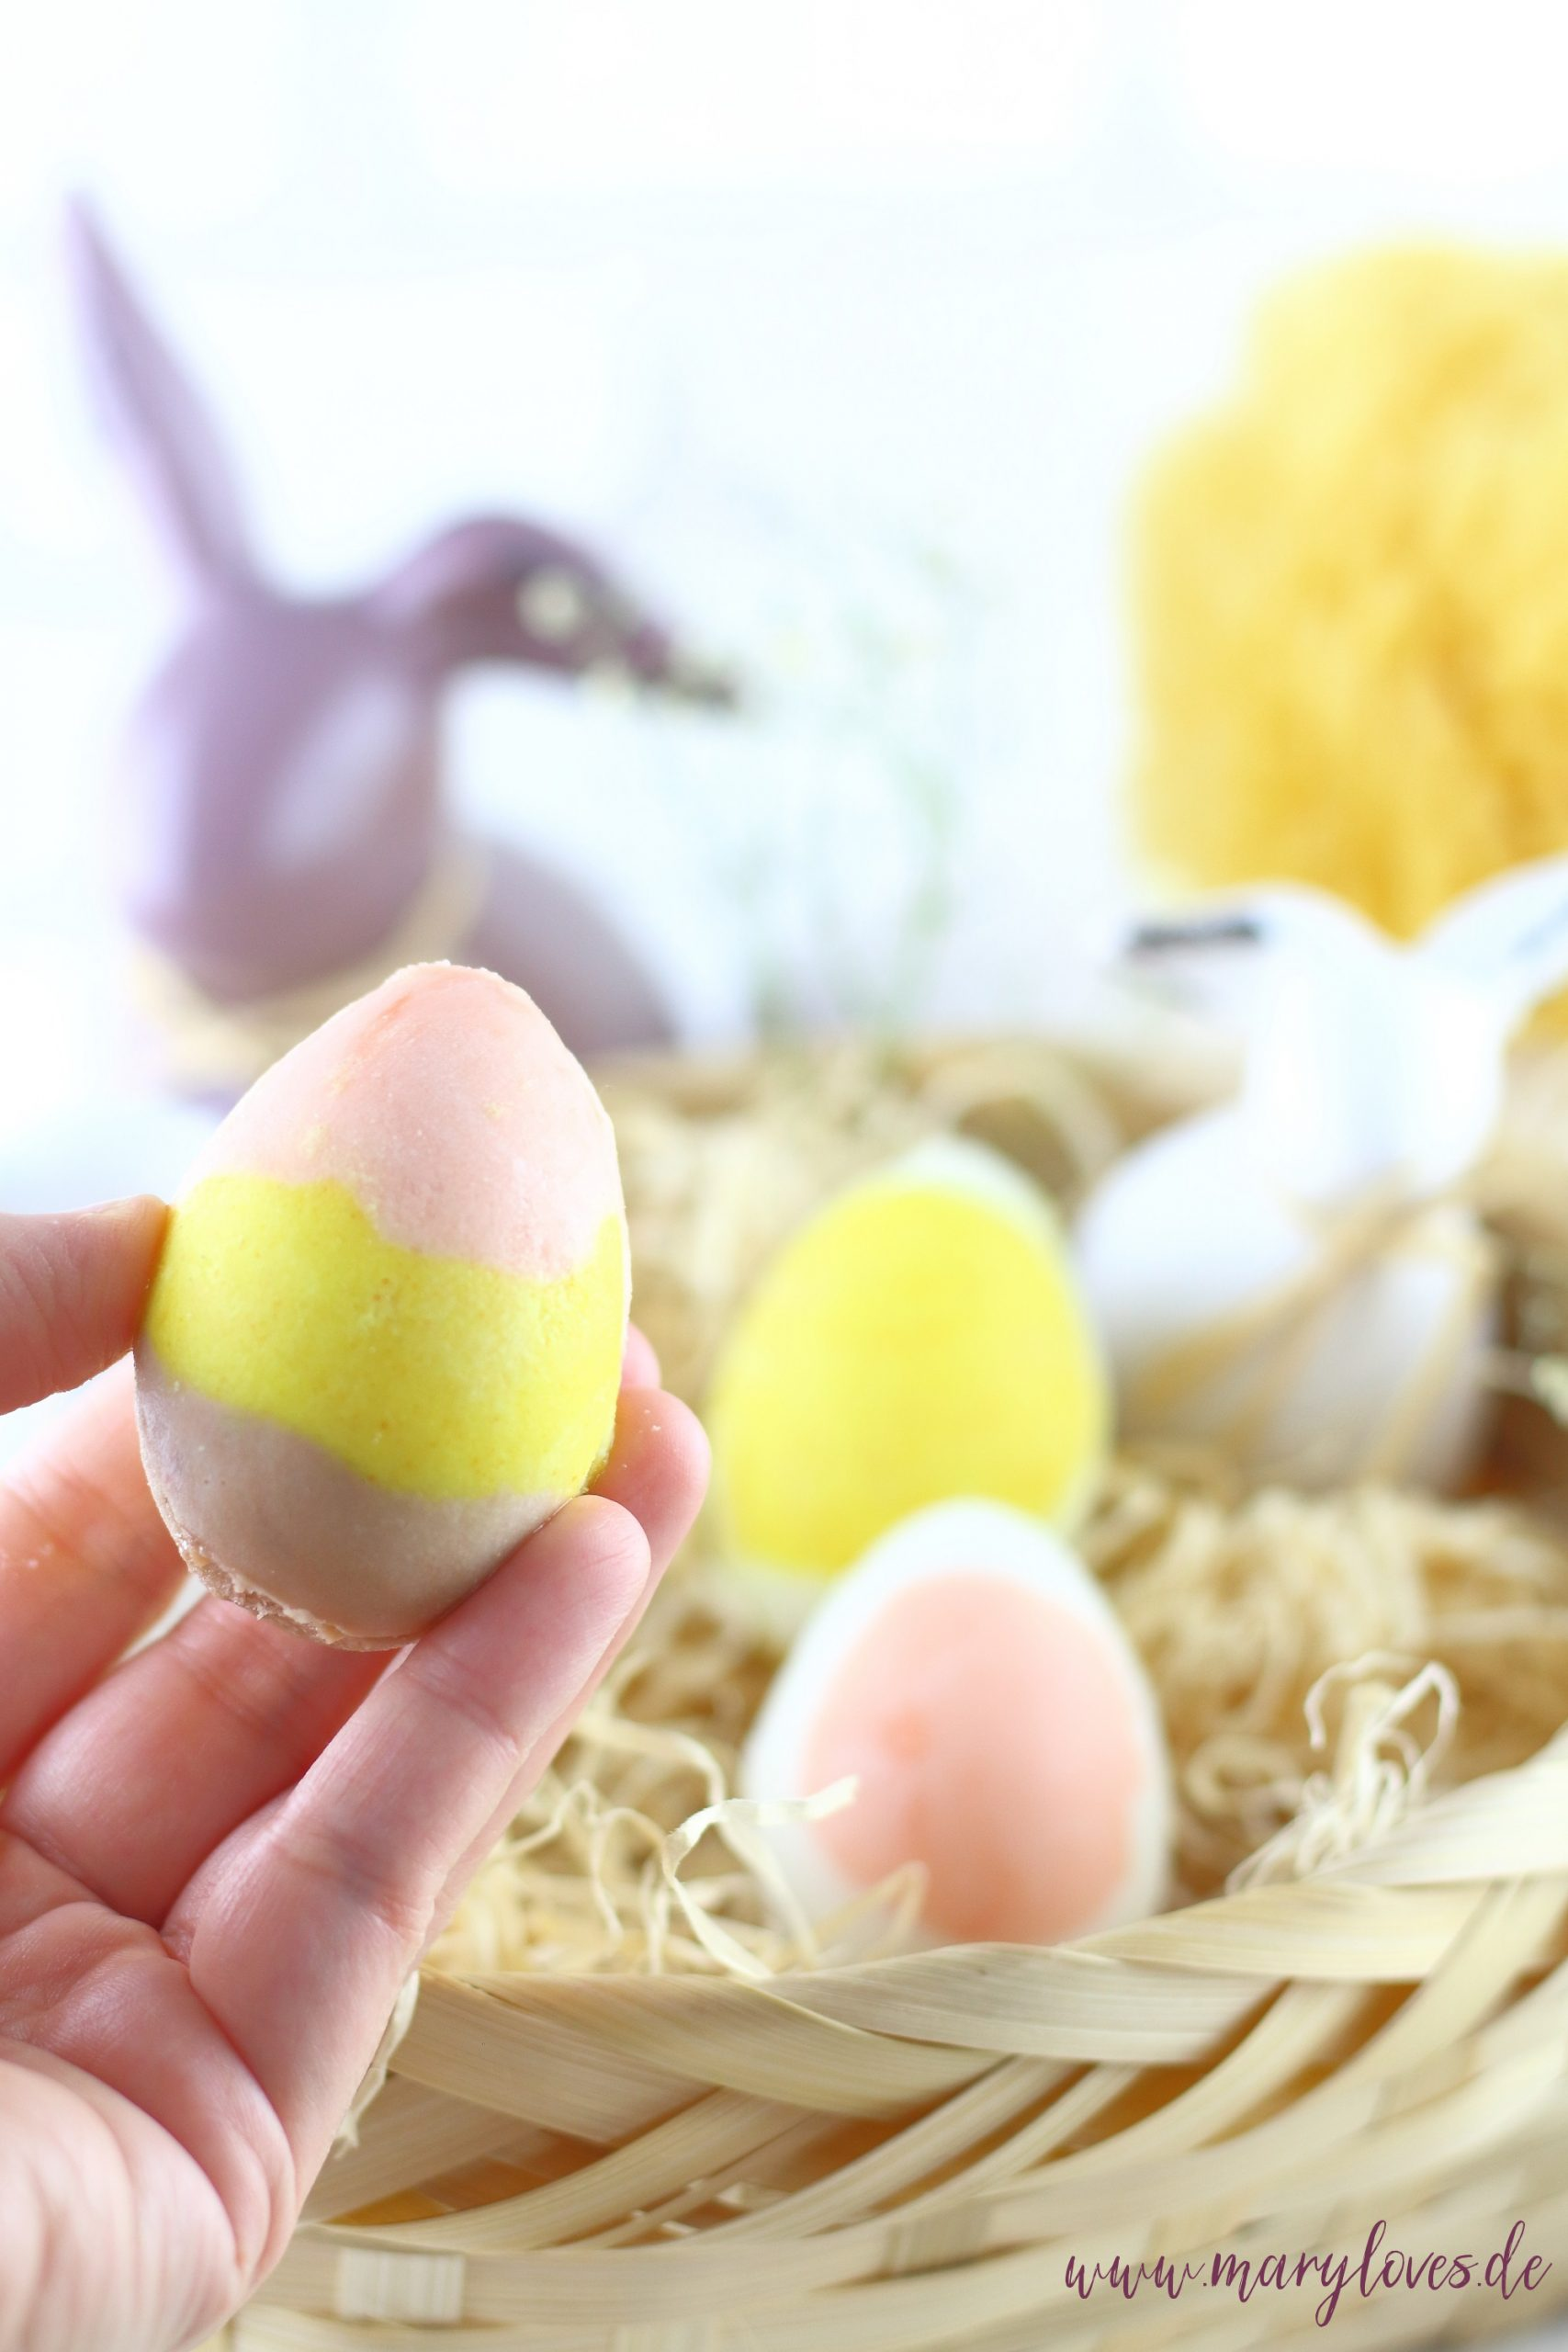 [Werbung unbeauftragt] Bunte Ostereier-Badebomben als selbstgemachtes Ostergeschenk